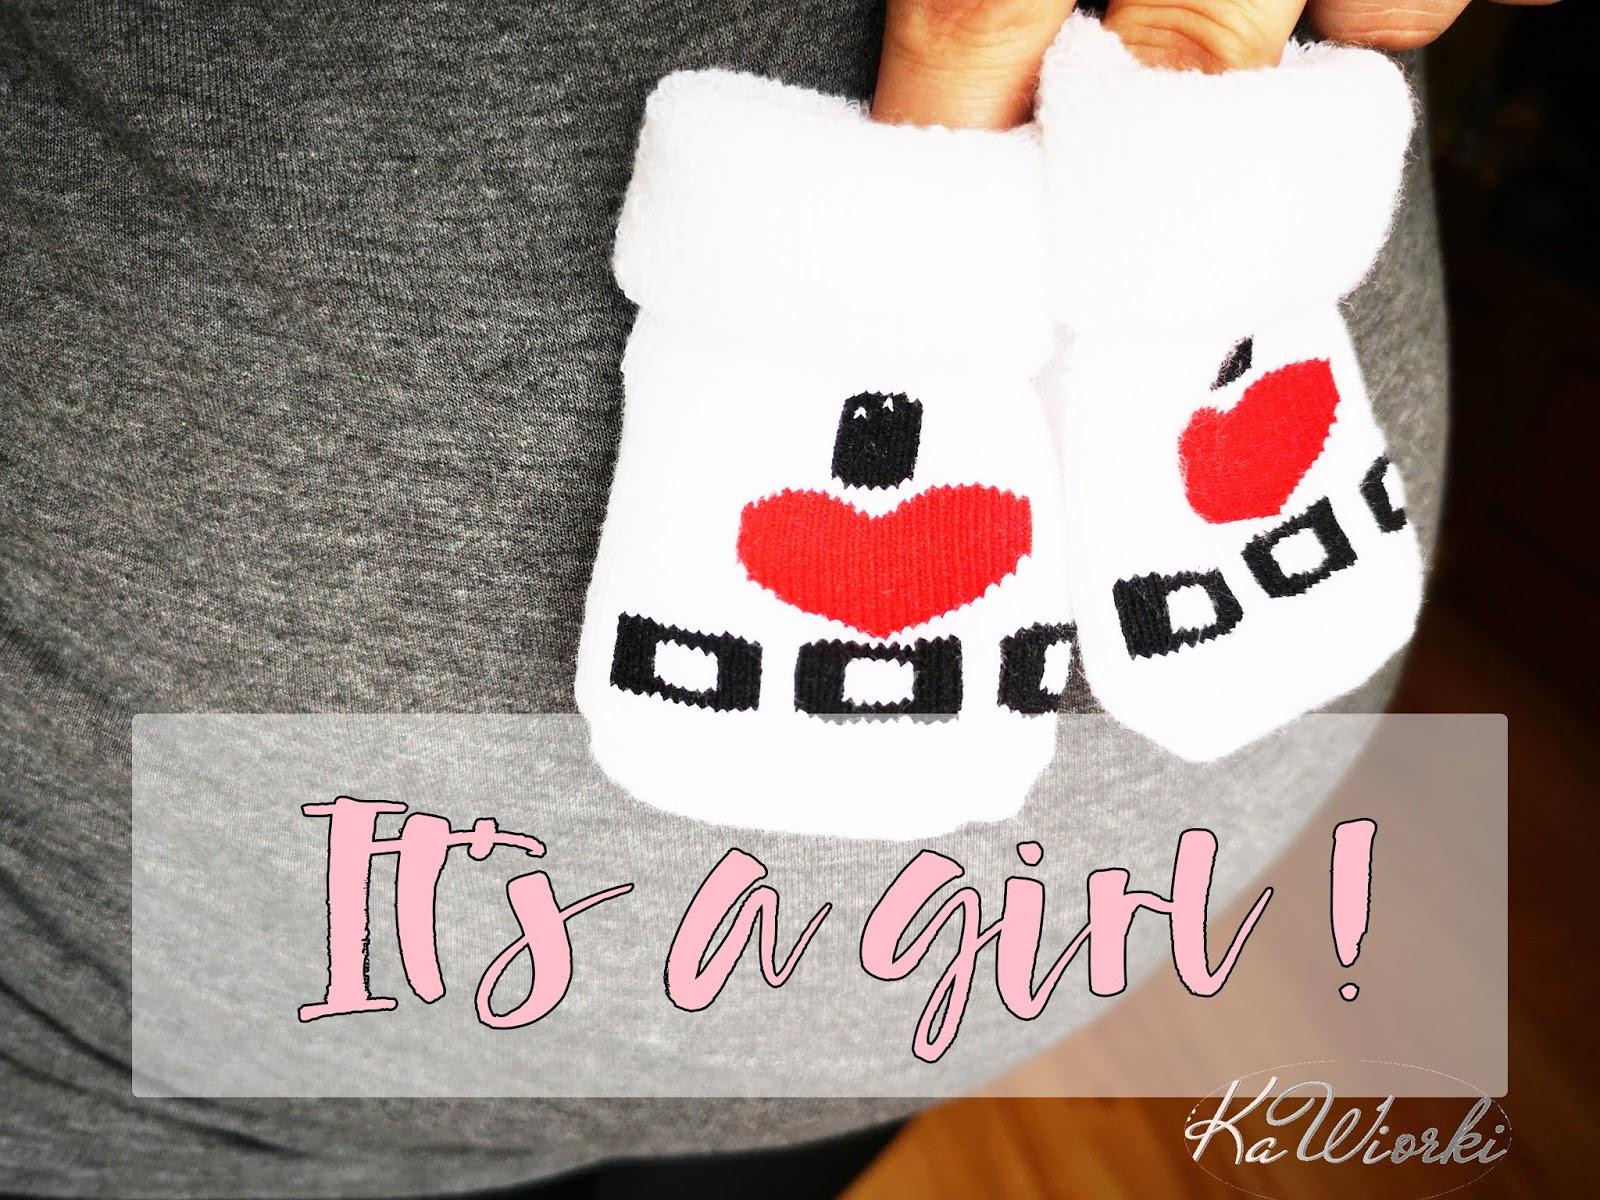 It's a girl! - czyli będzie trzecia córka